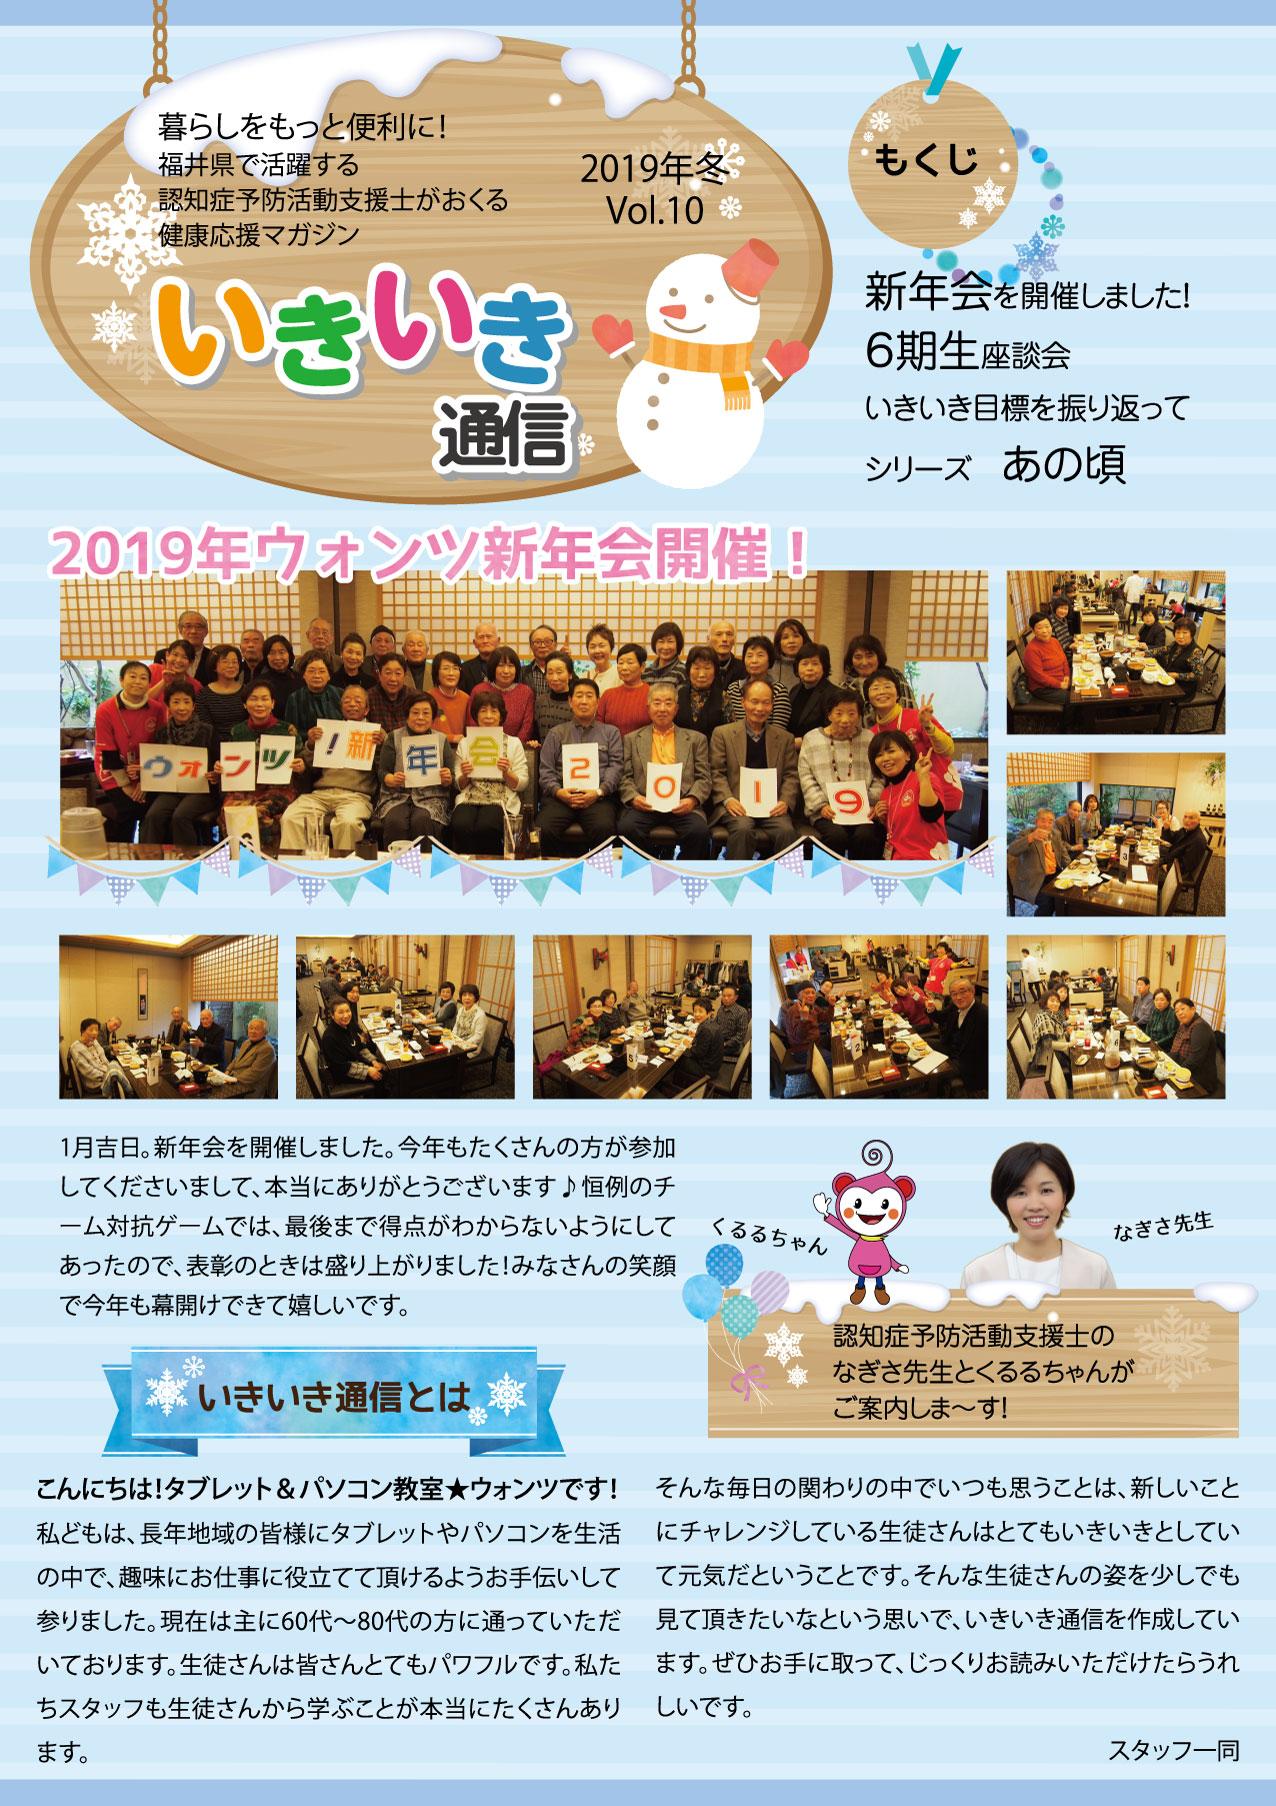 p1 福井県で活躍する認知症予防活動支援士がおくる健康マガジン いきいき通信 もくじ 思い出の写真 2019年新年会